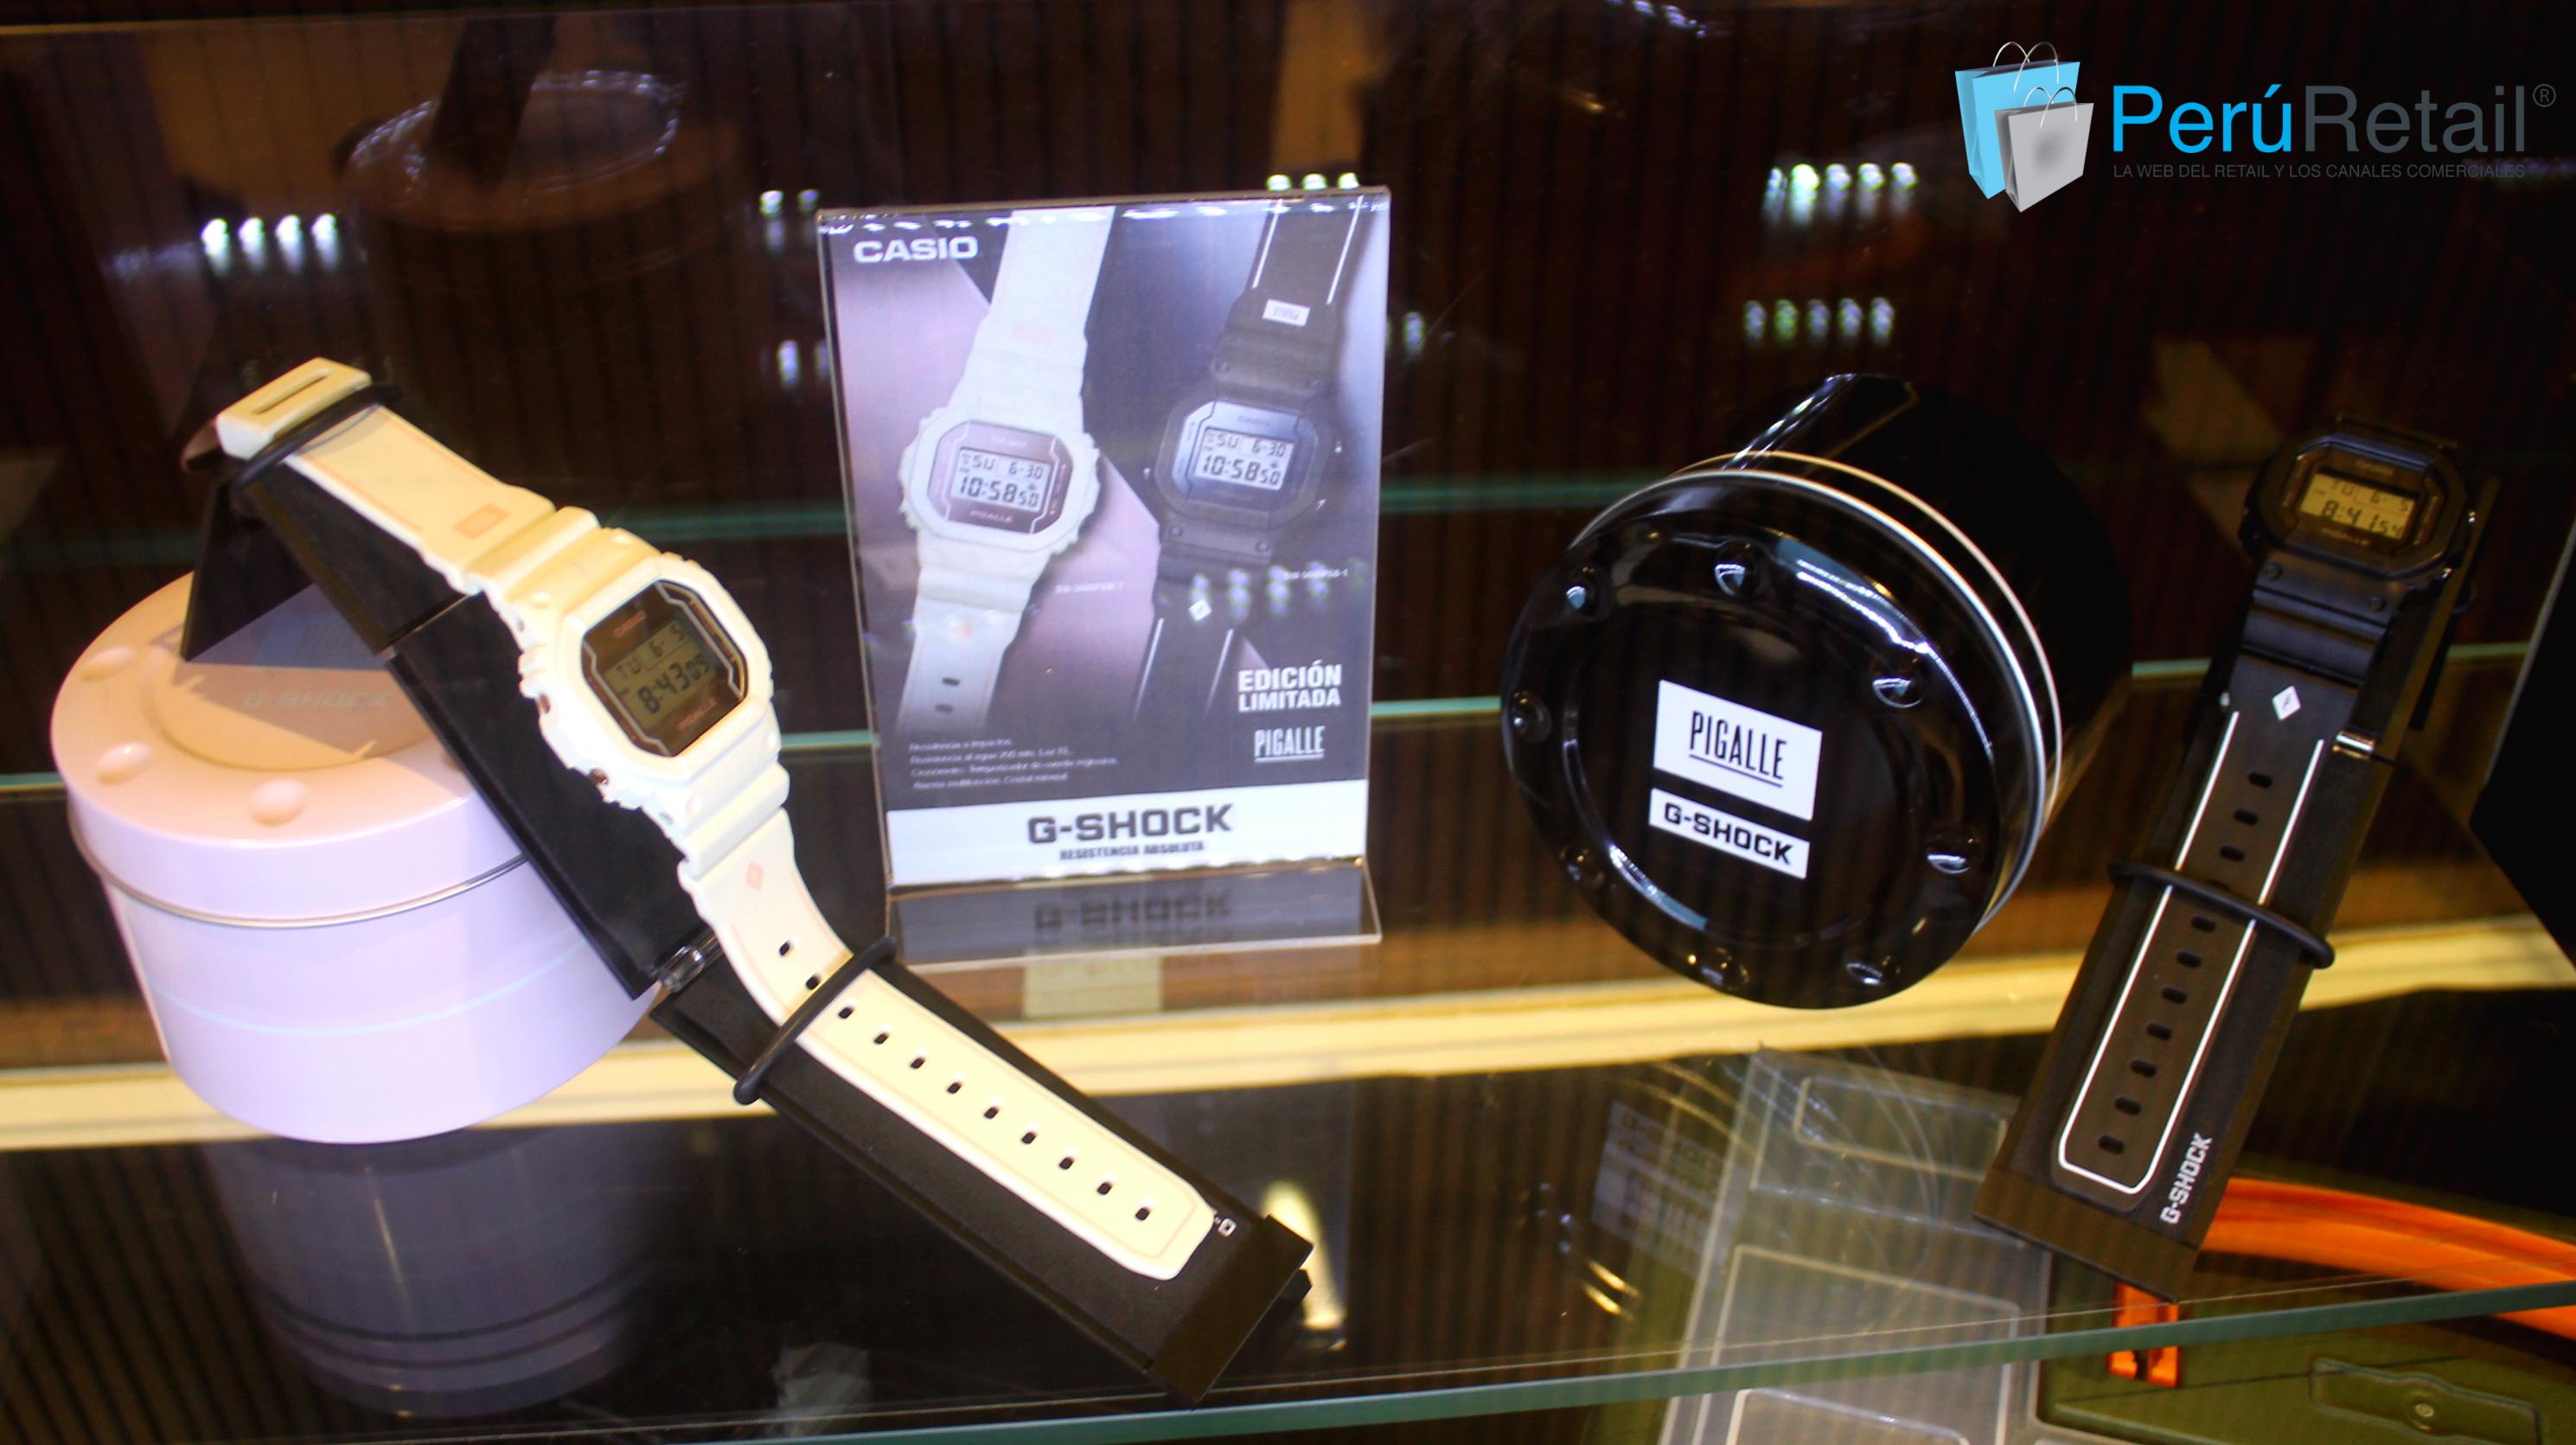 G Shock 101 Peru Retail - Perú: G–Shock celebra 35 años de innovación